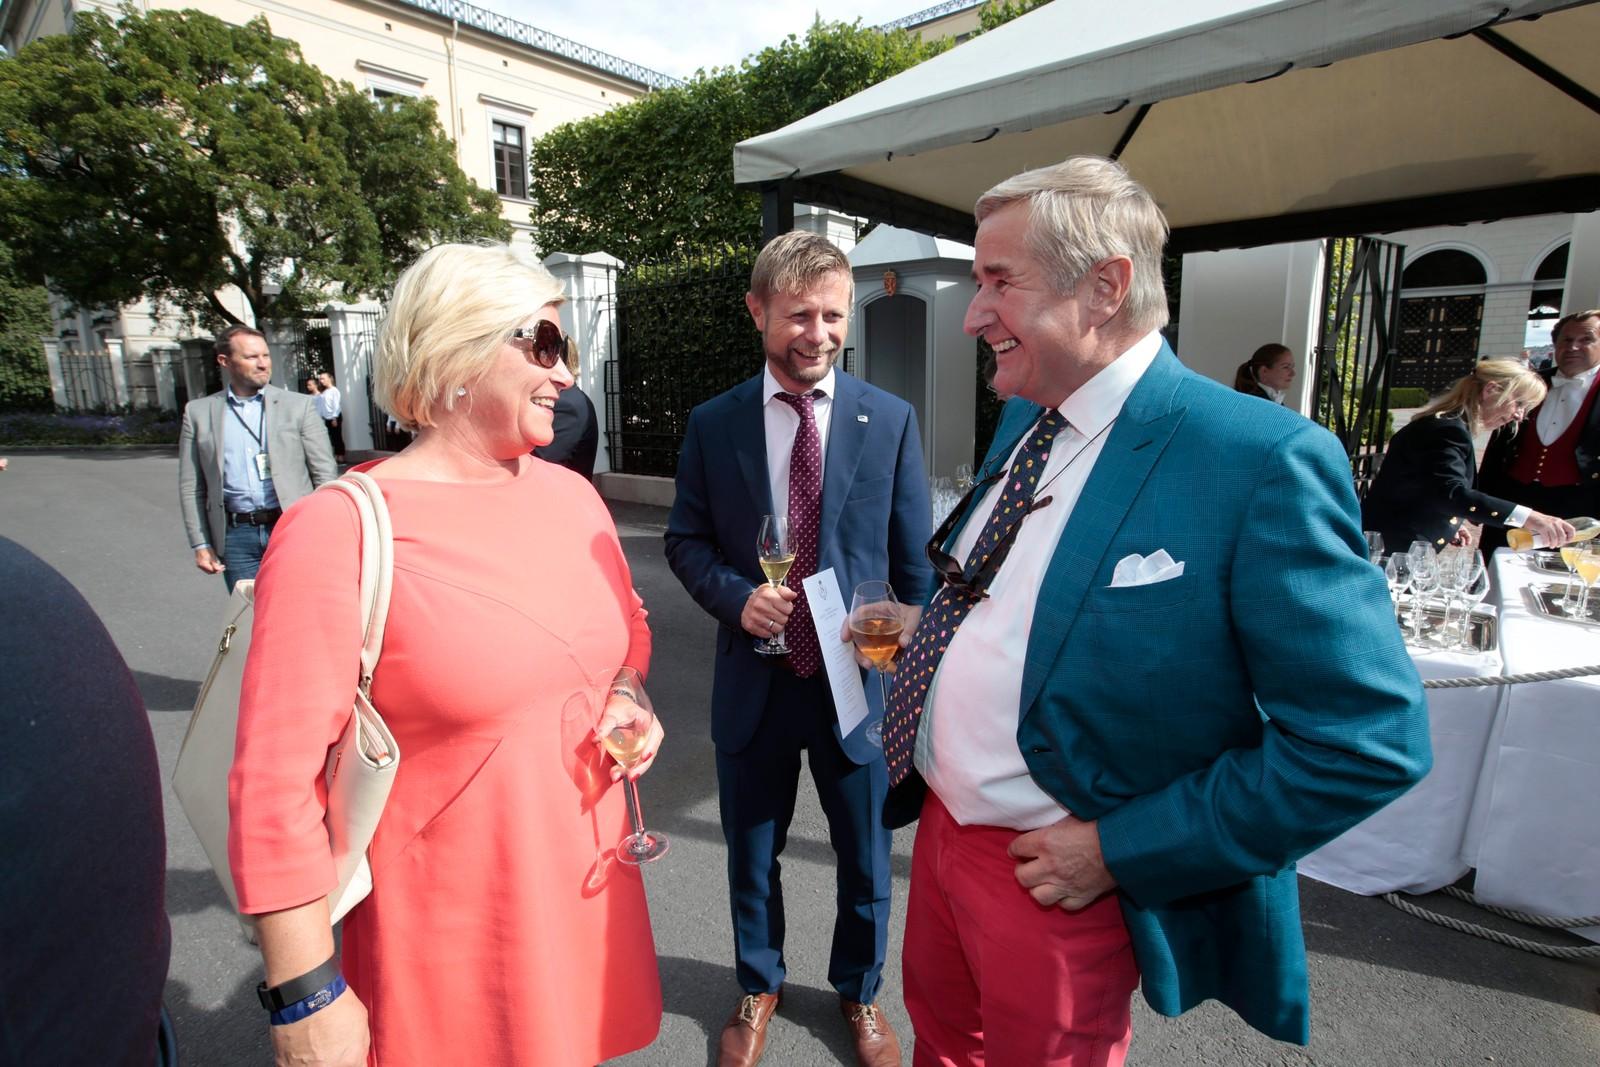 Siv Jensen har ankommet Slottsparken i forbindelse med kongeparets hagefest.